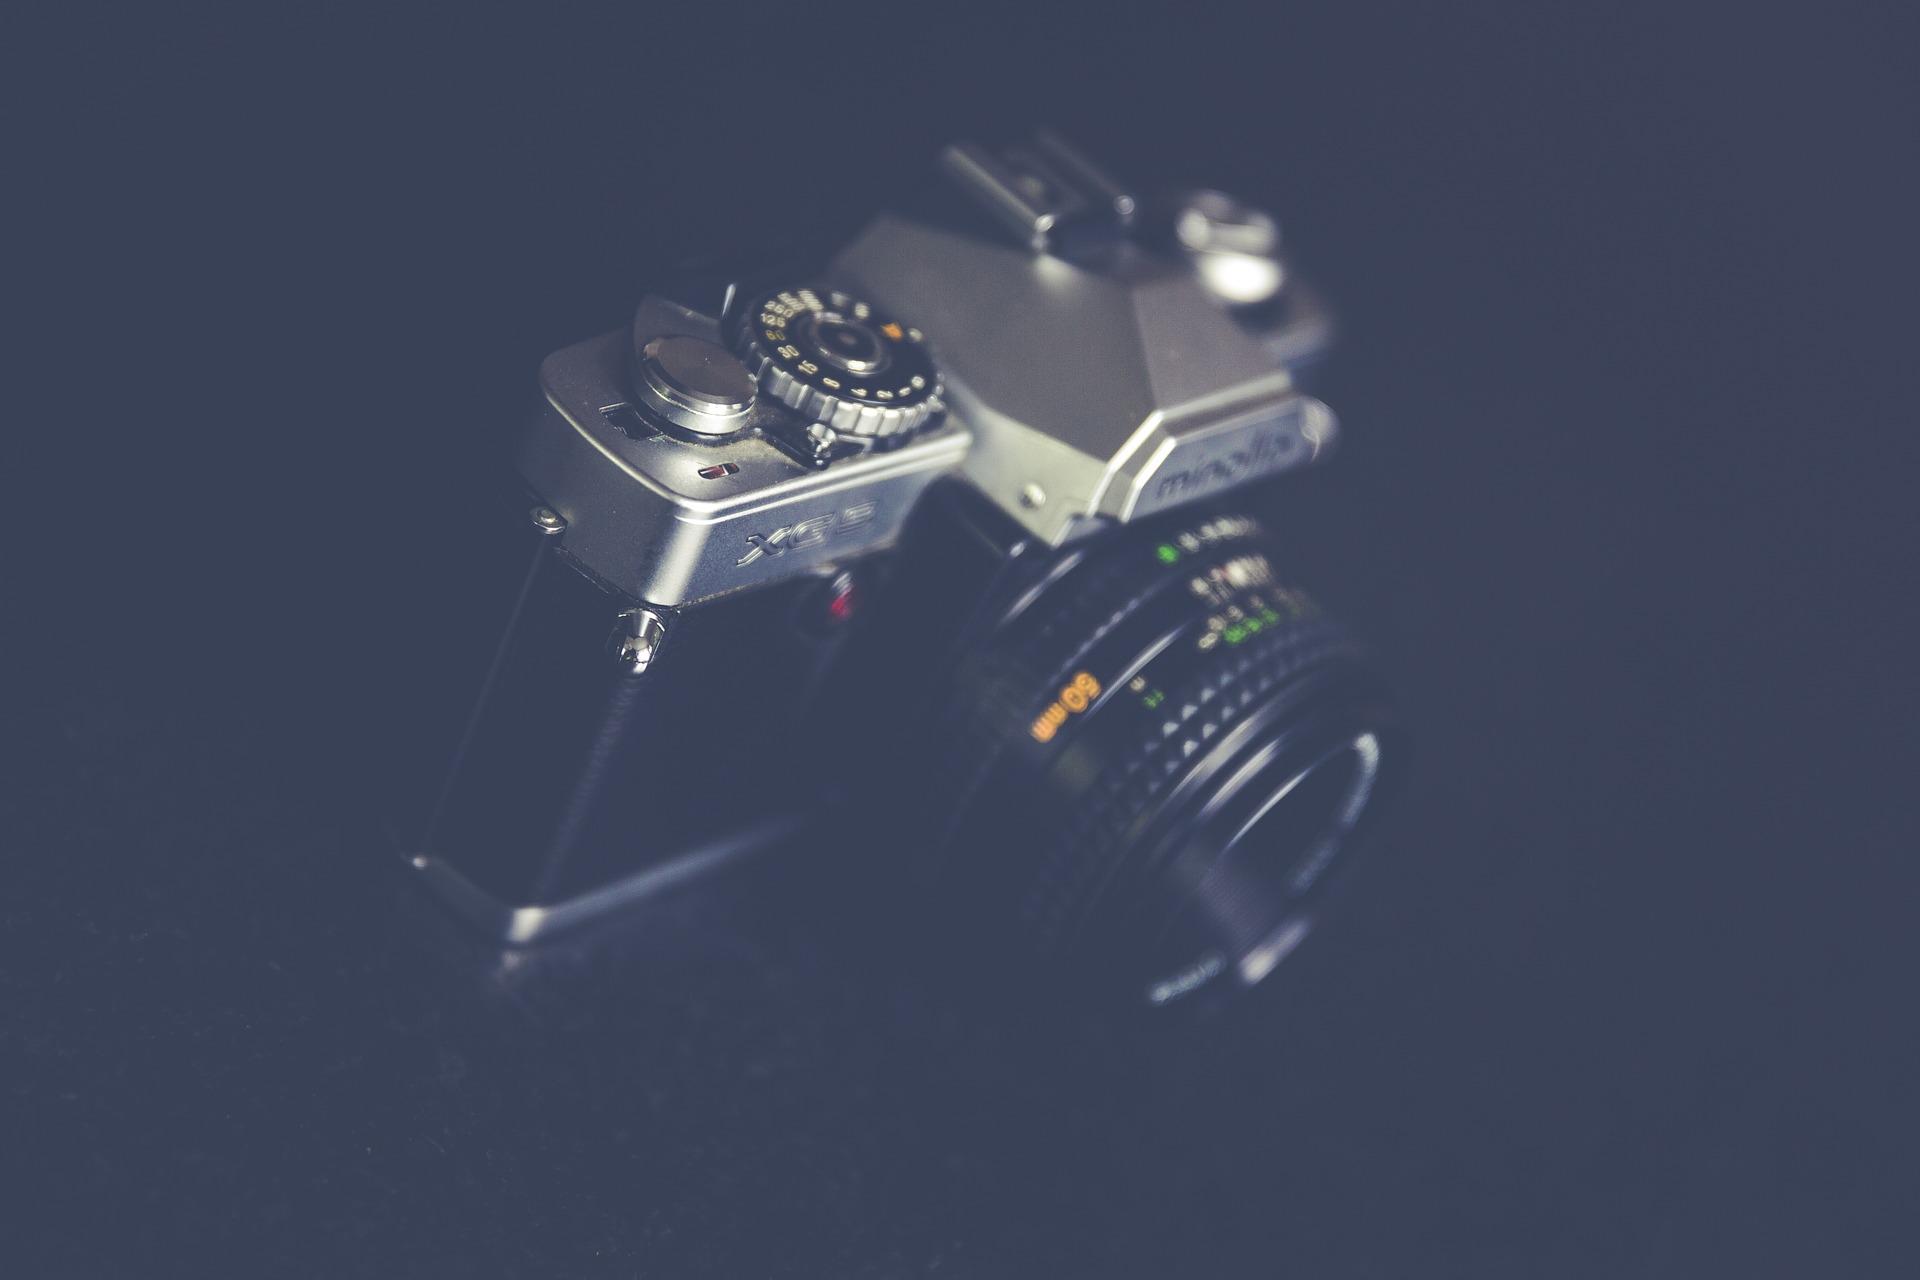 analog-1513892_1920.jpg